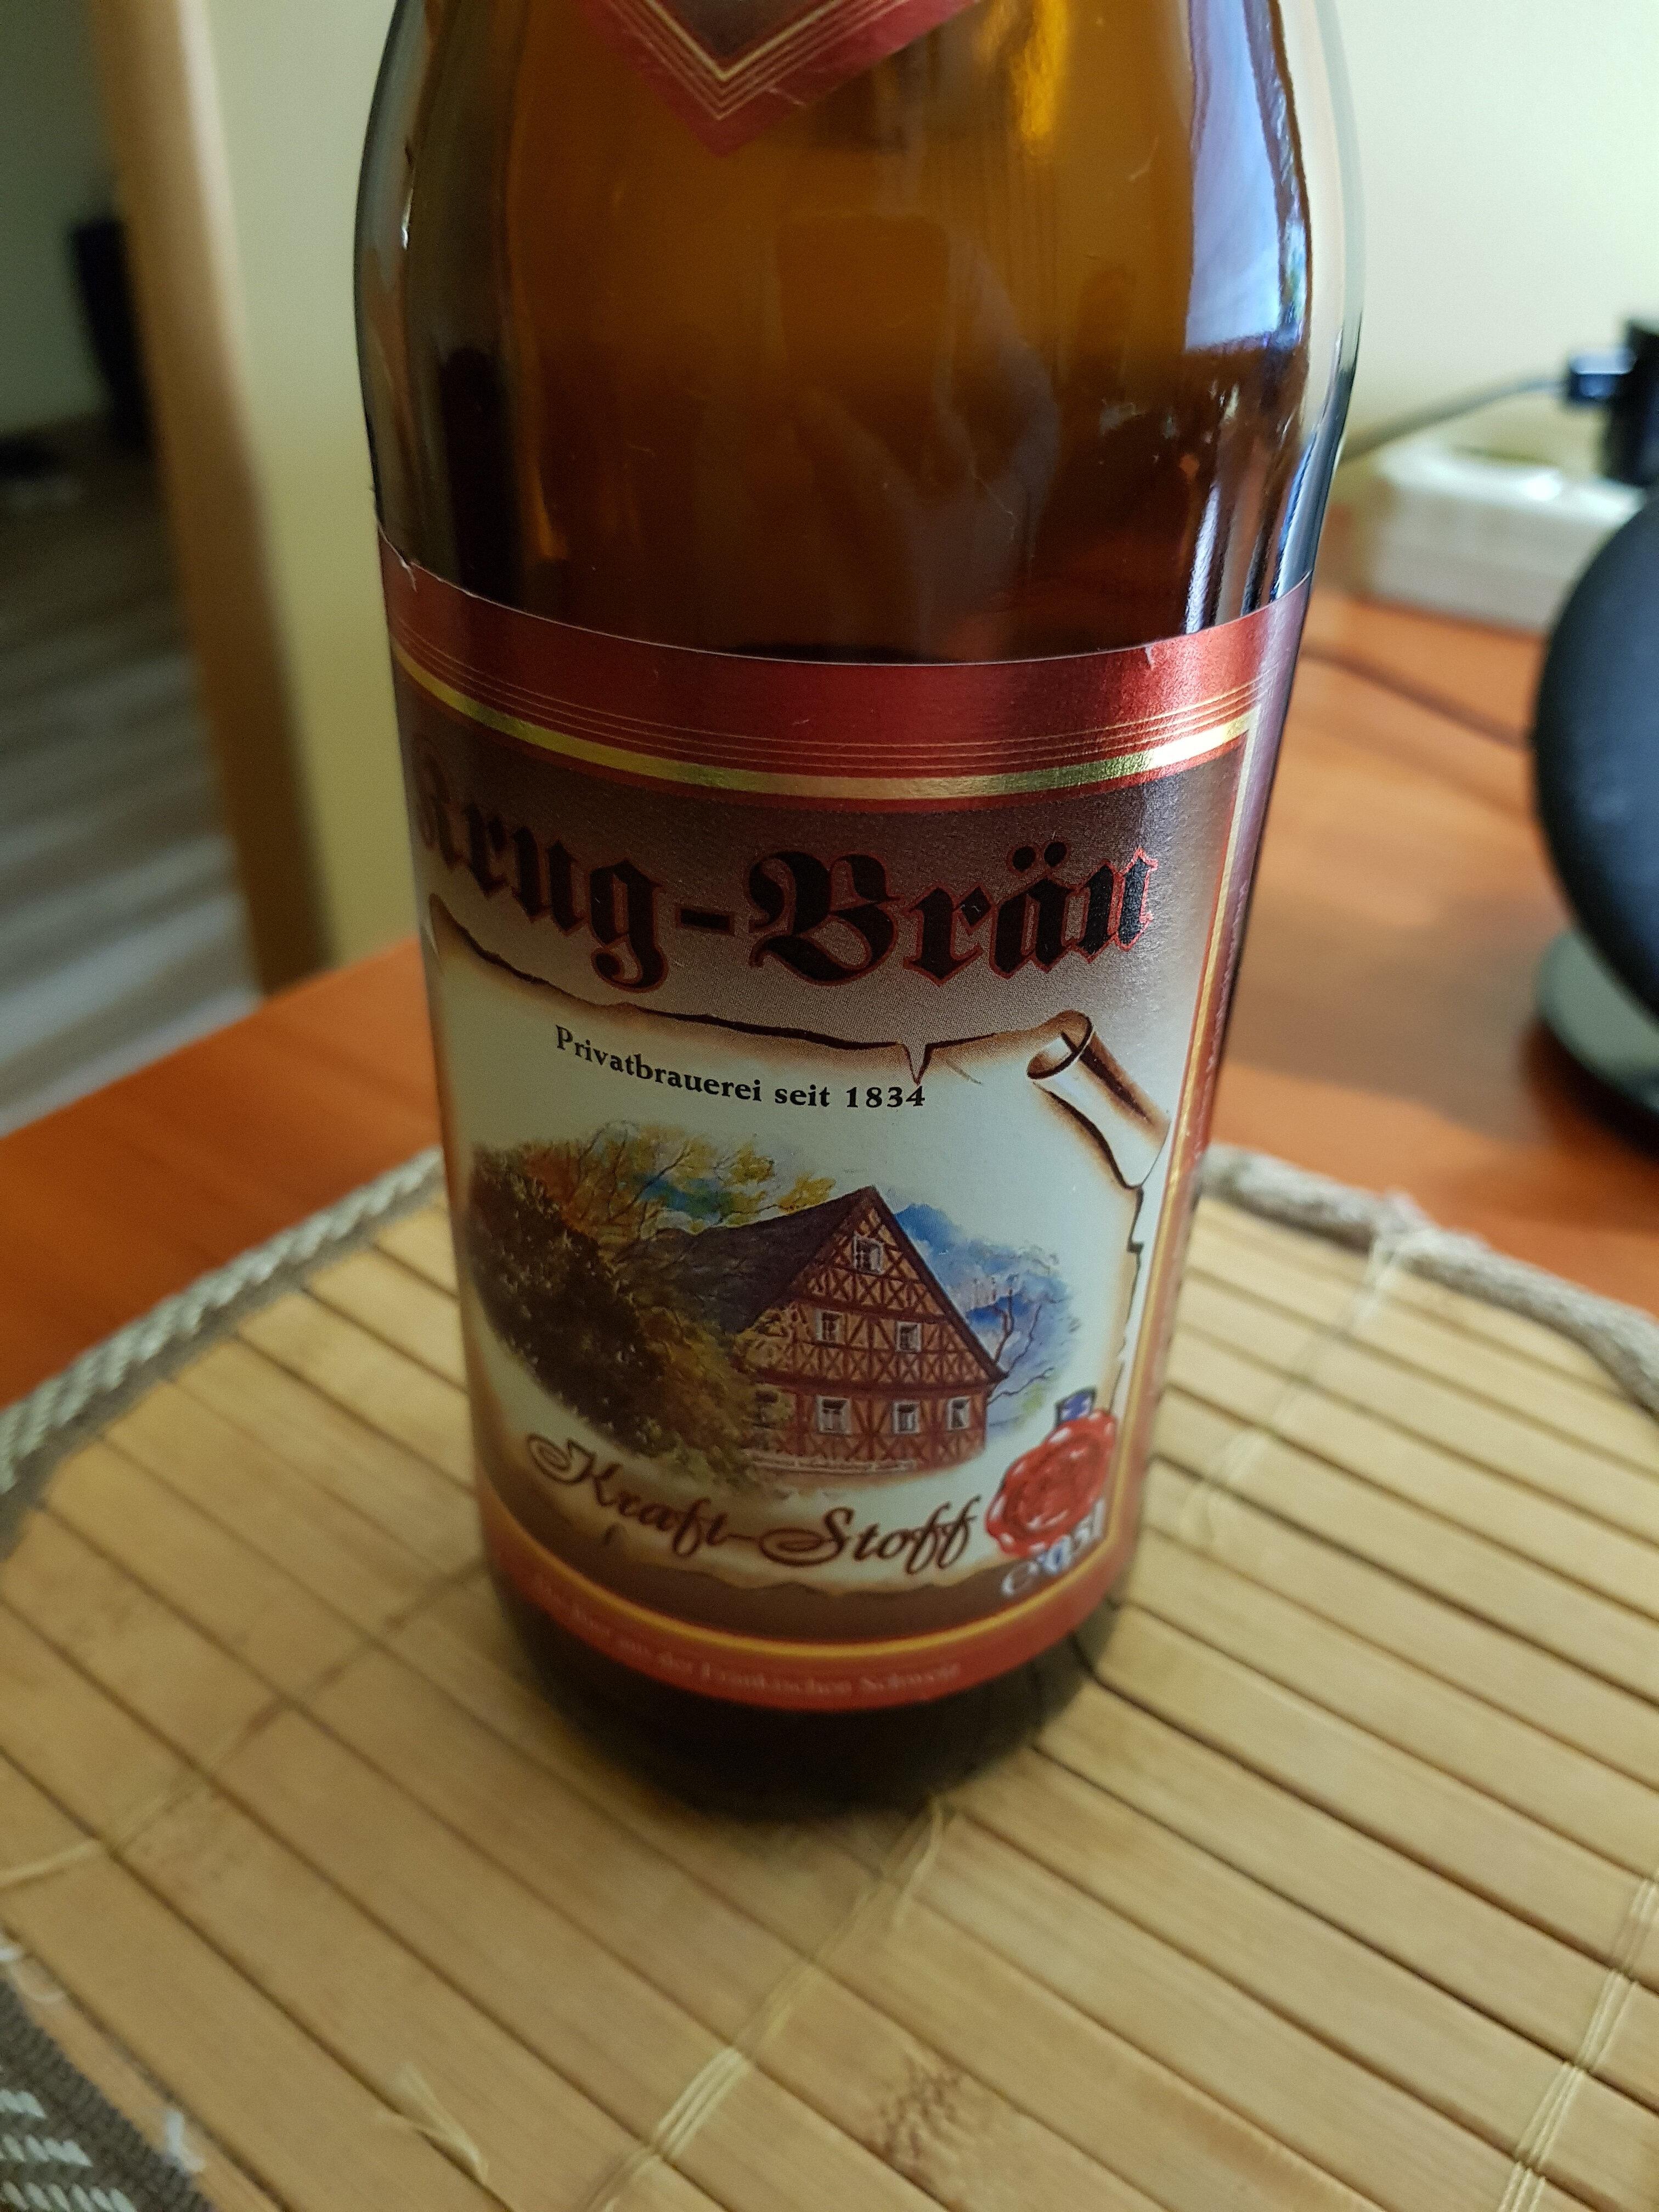 Krug-Brau Kraft-Stoff - Продукт - en